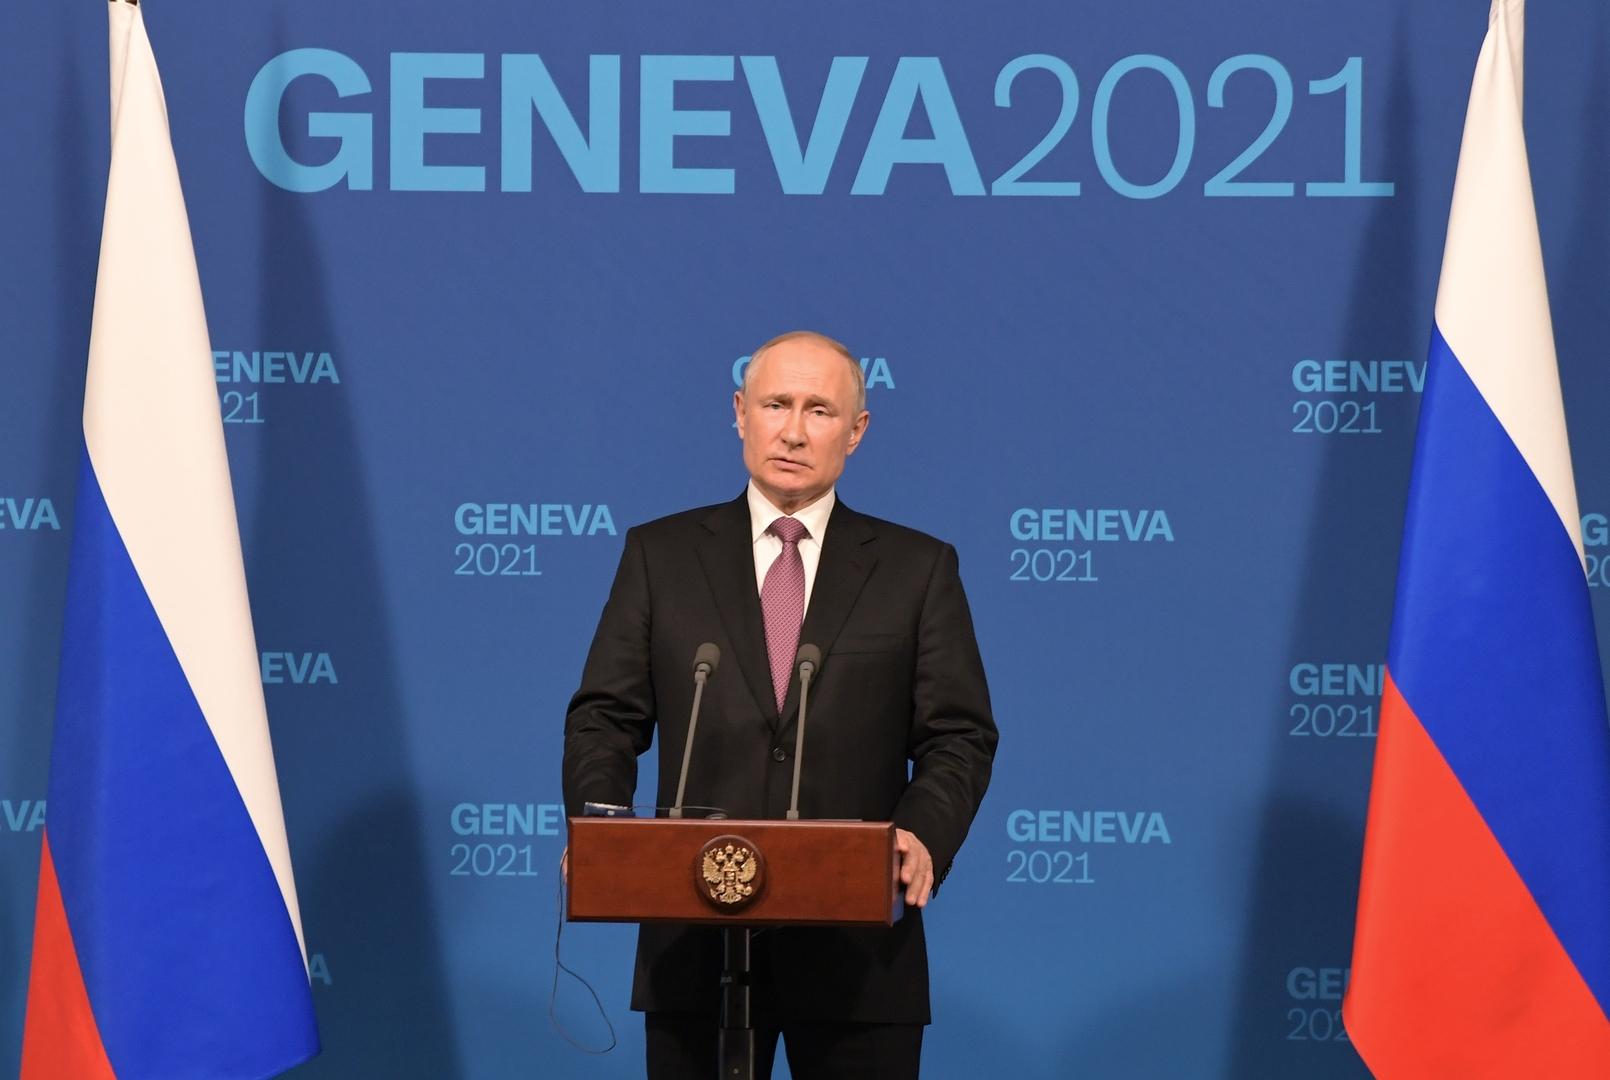 الرئيس الروسي، فلاديمير بوتين، خلال مؤتمر صحفي عقده عقب أول قمة مع نظيره الأمريكي، جو بايدن (جنيف، 16 يونيو 2021).